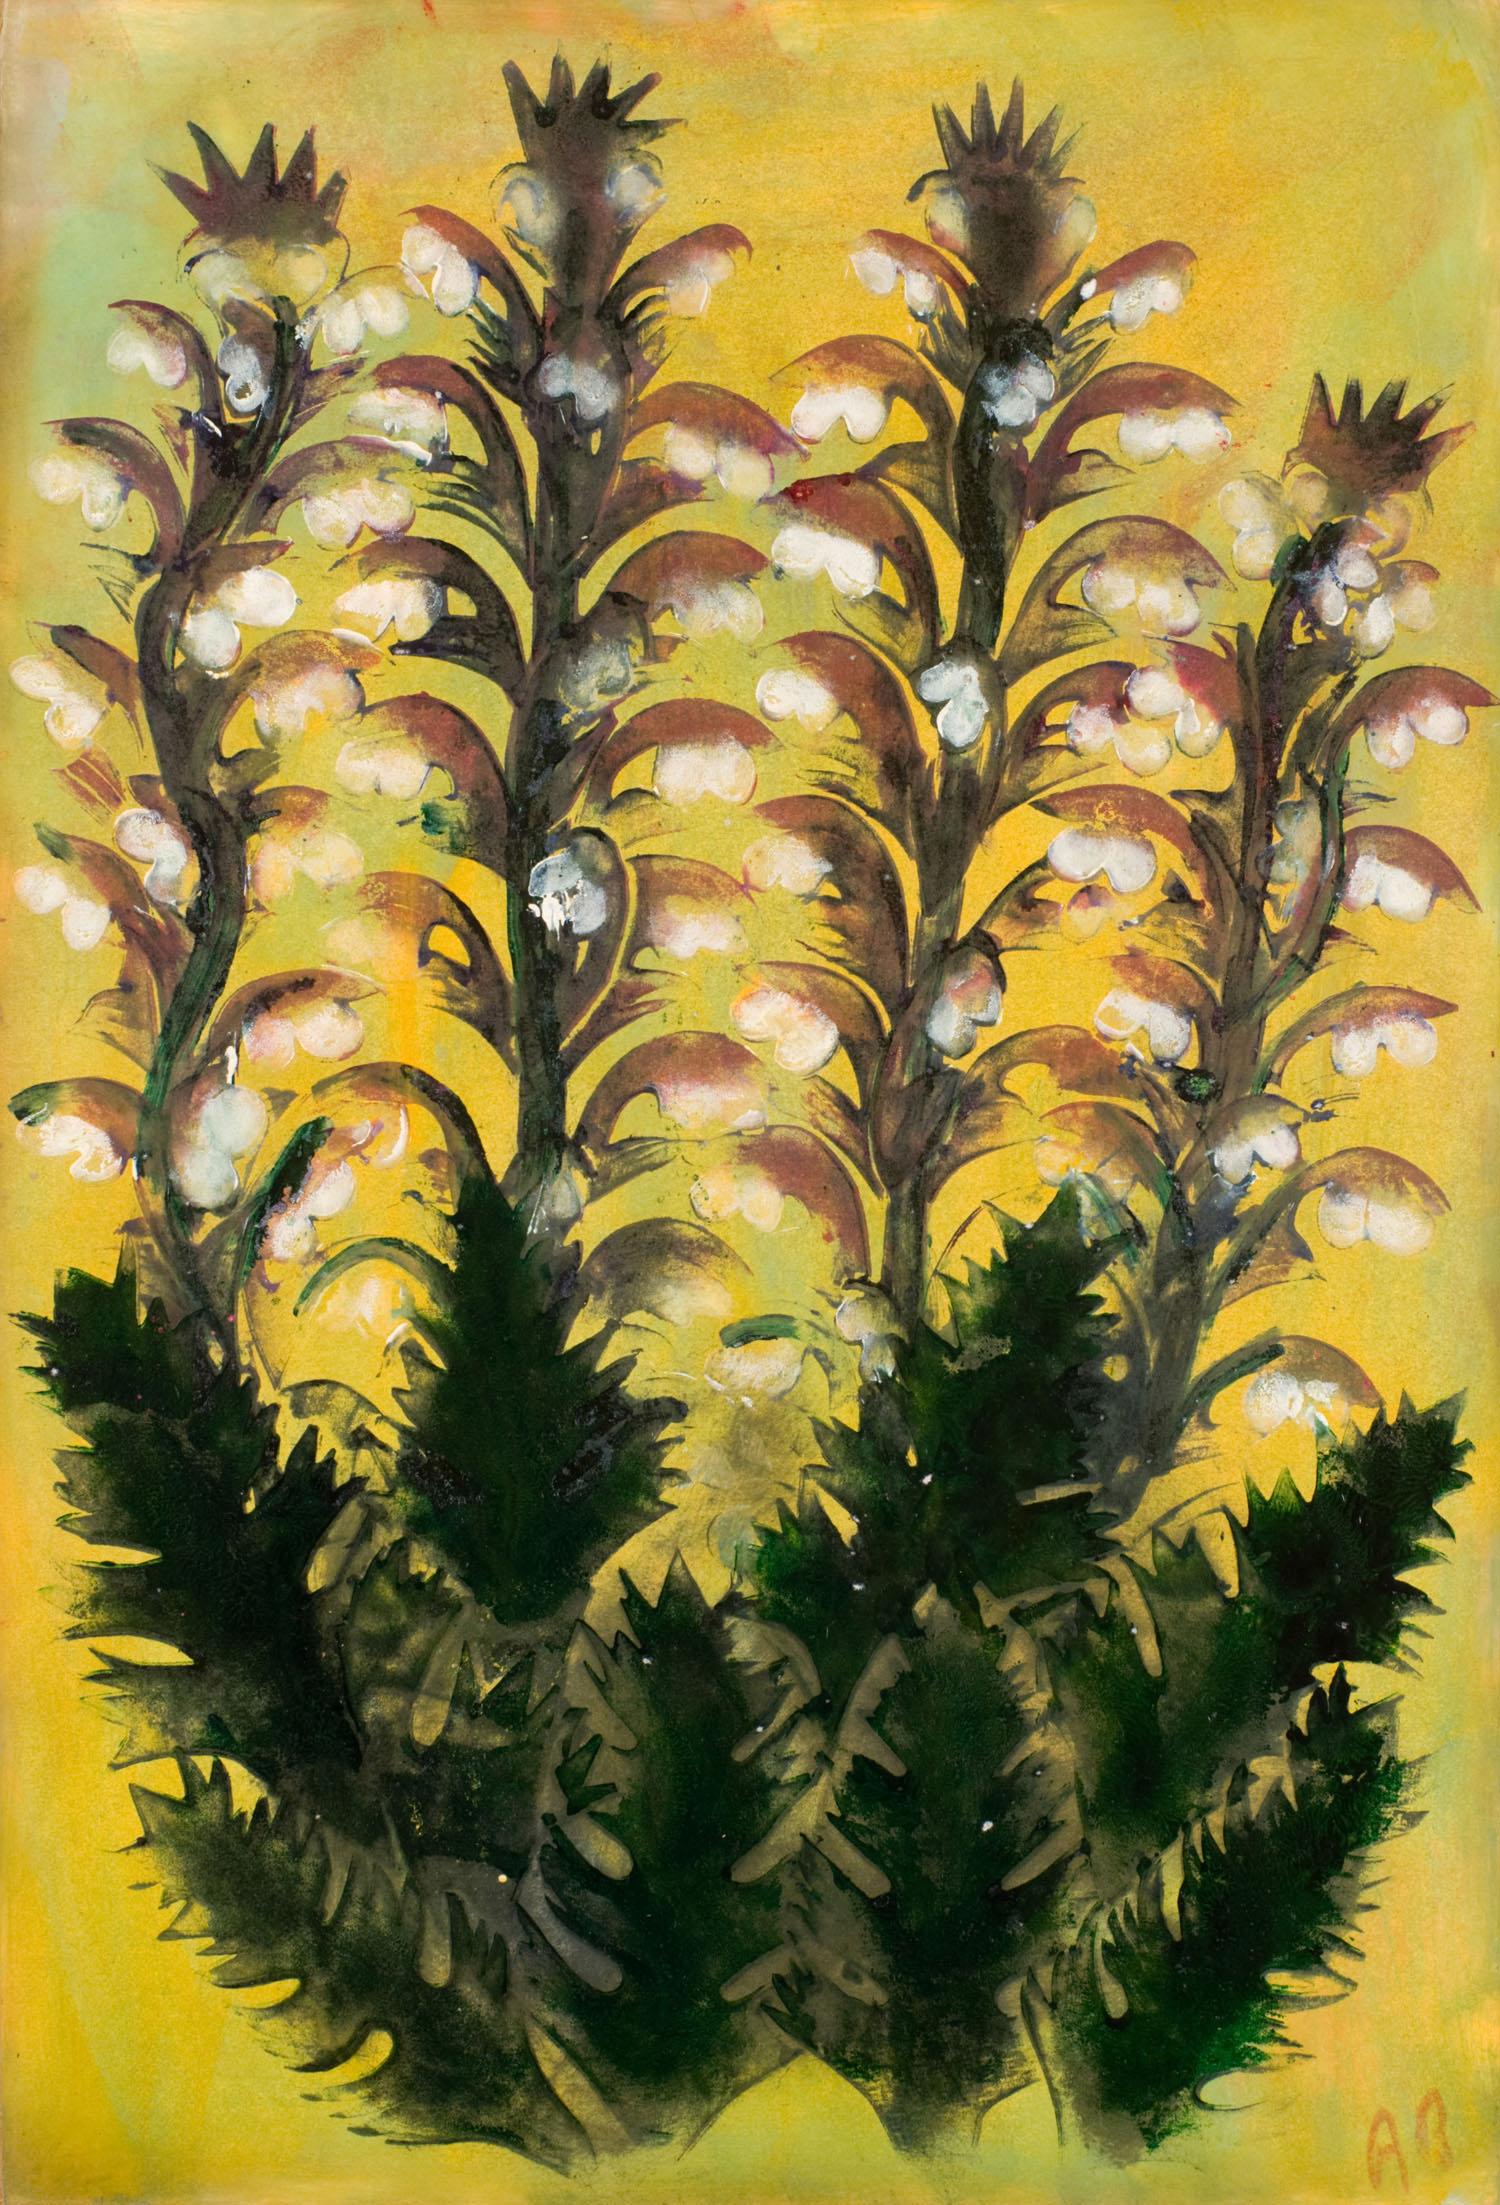 Fleurs sur fond jaune | Fleurs sur fond jaune | Atelier Ange Boaretto